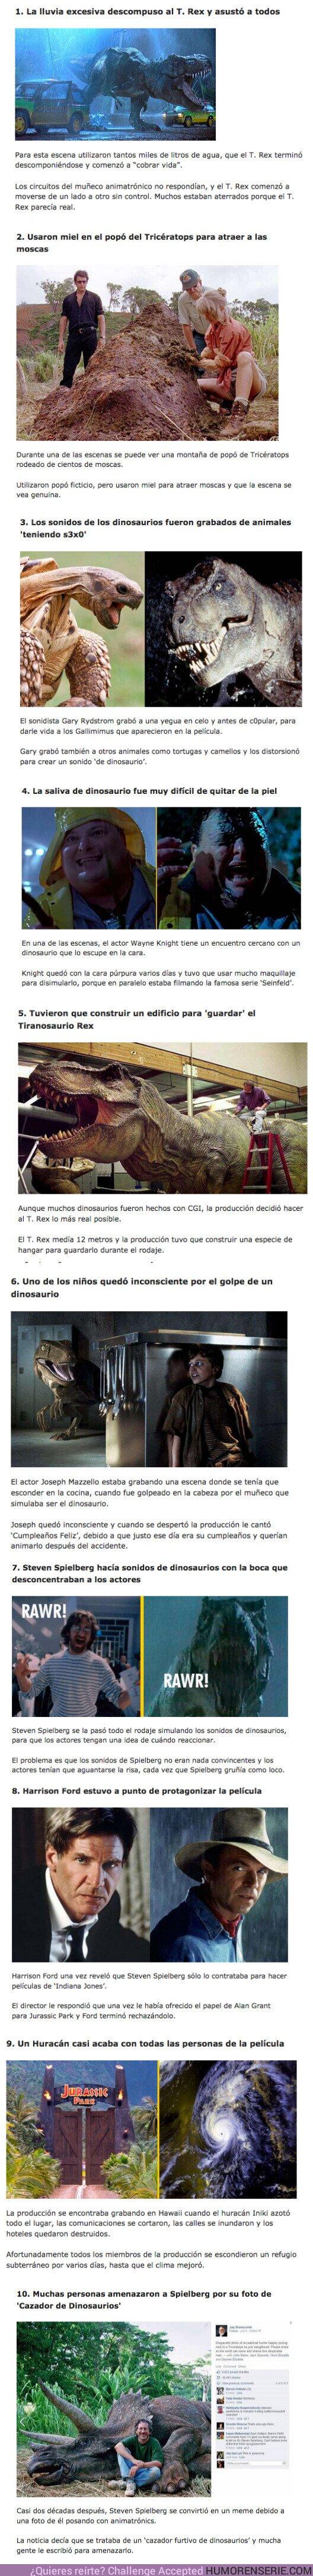 72371 - GALERÍA: 9 Cosas que pasaron durante el rodaje de la primer película de Jurassic Park